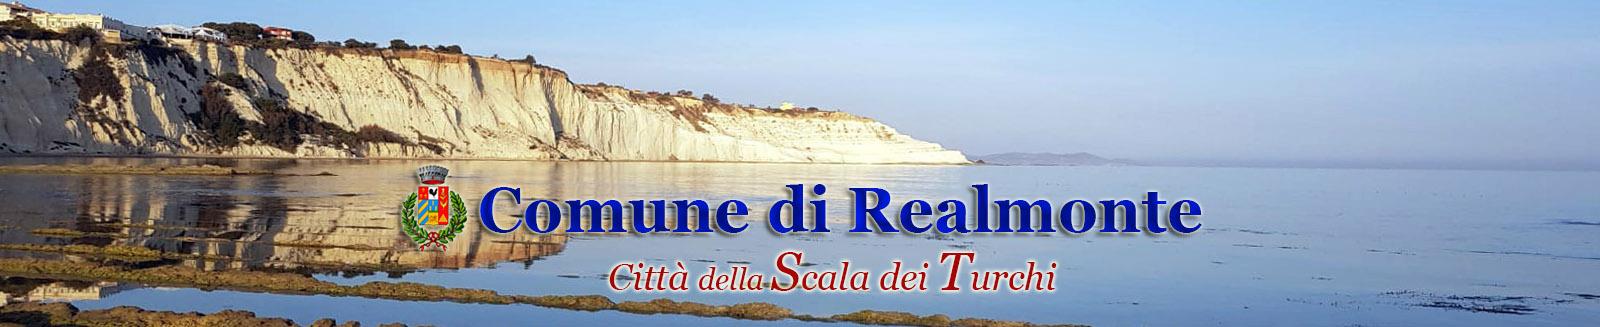 Comune-Di-Realmonte